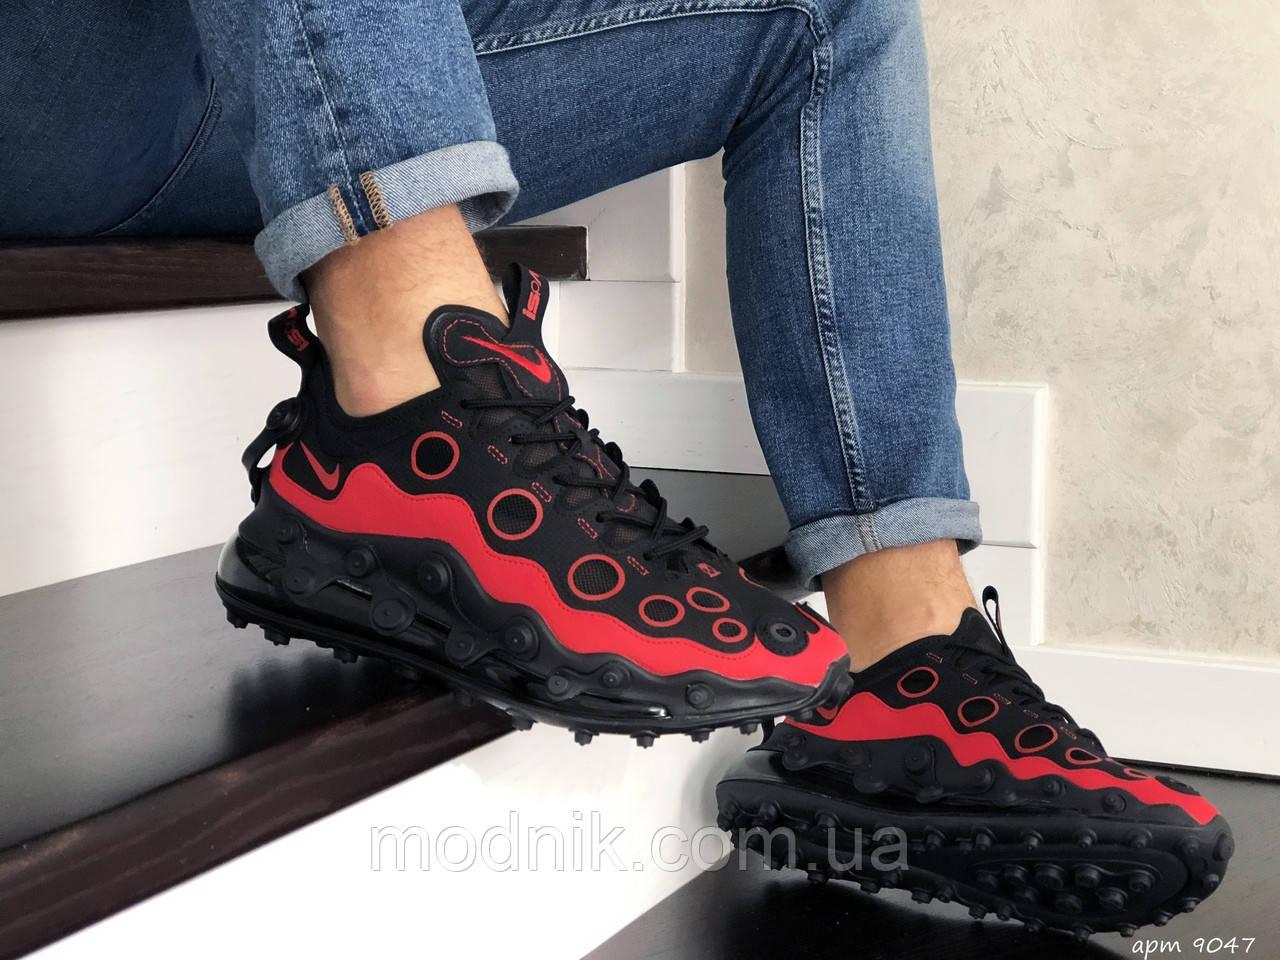 Мужские кроссовки Nike Air Max 720 ISPA (черно-красные) 9047